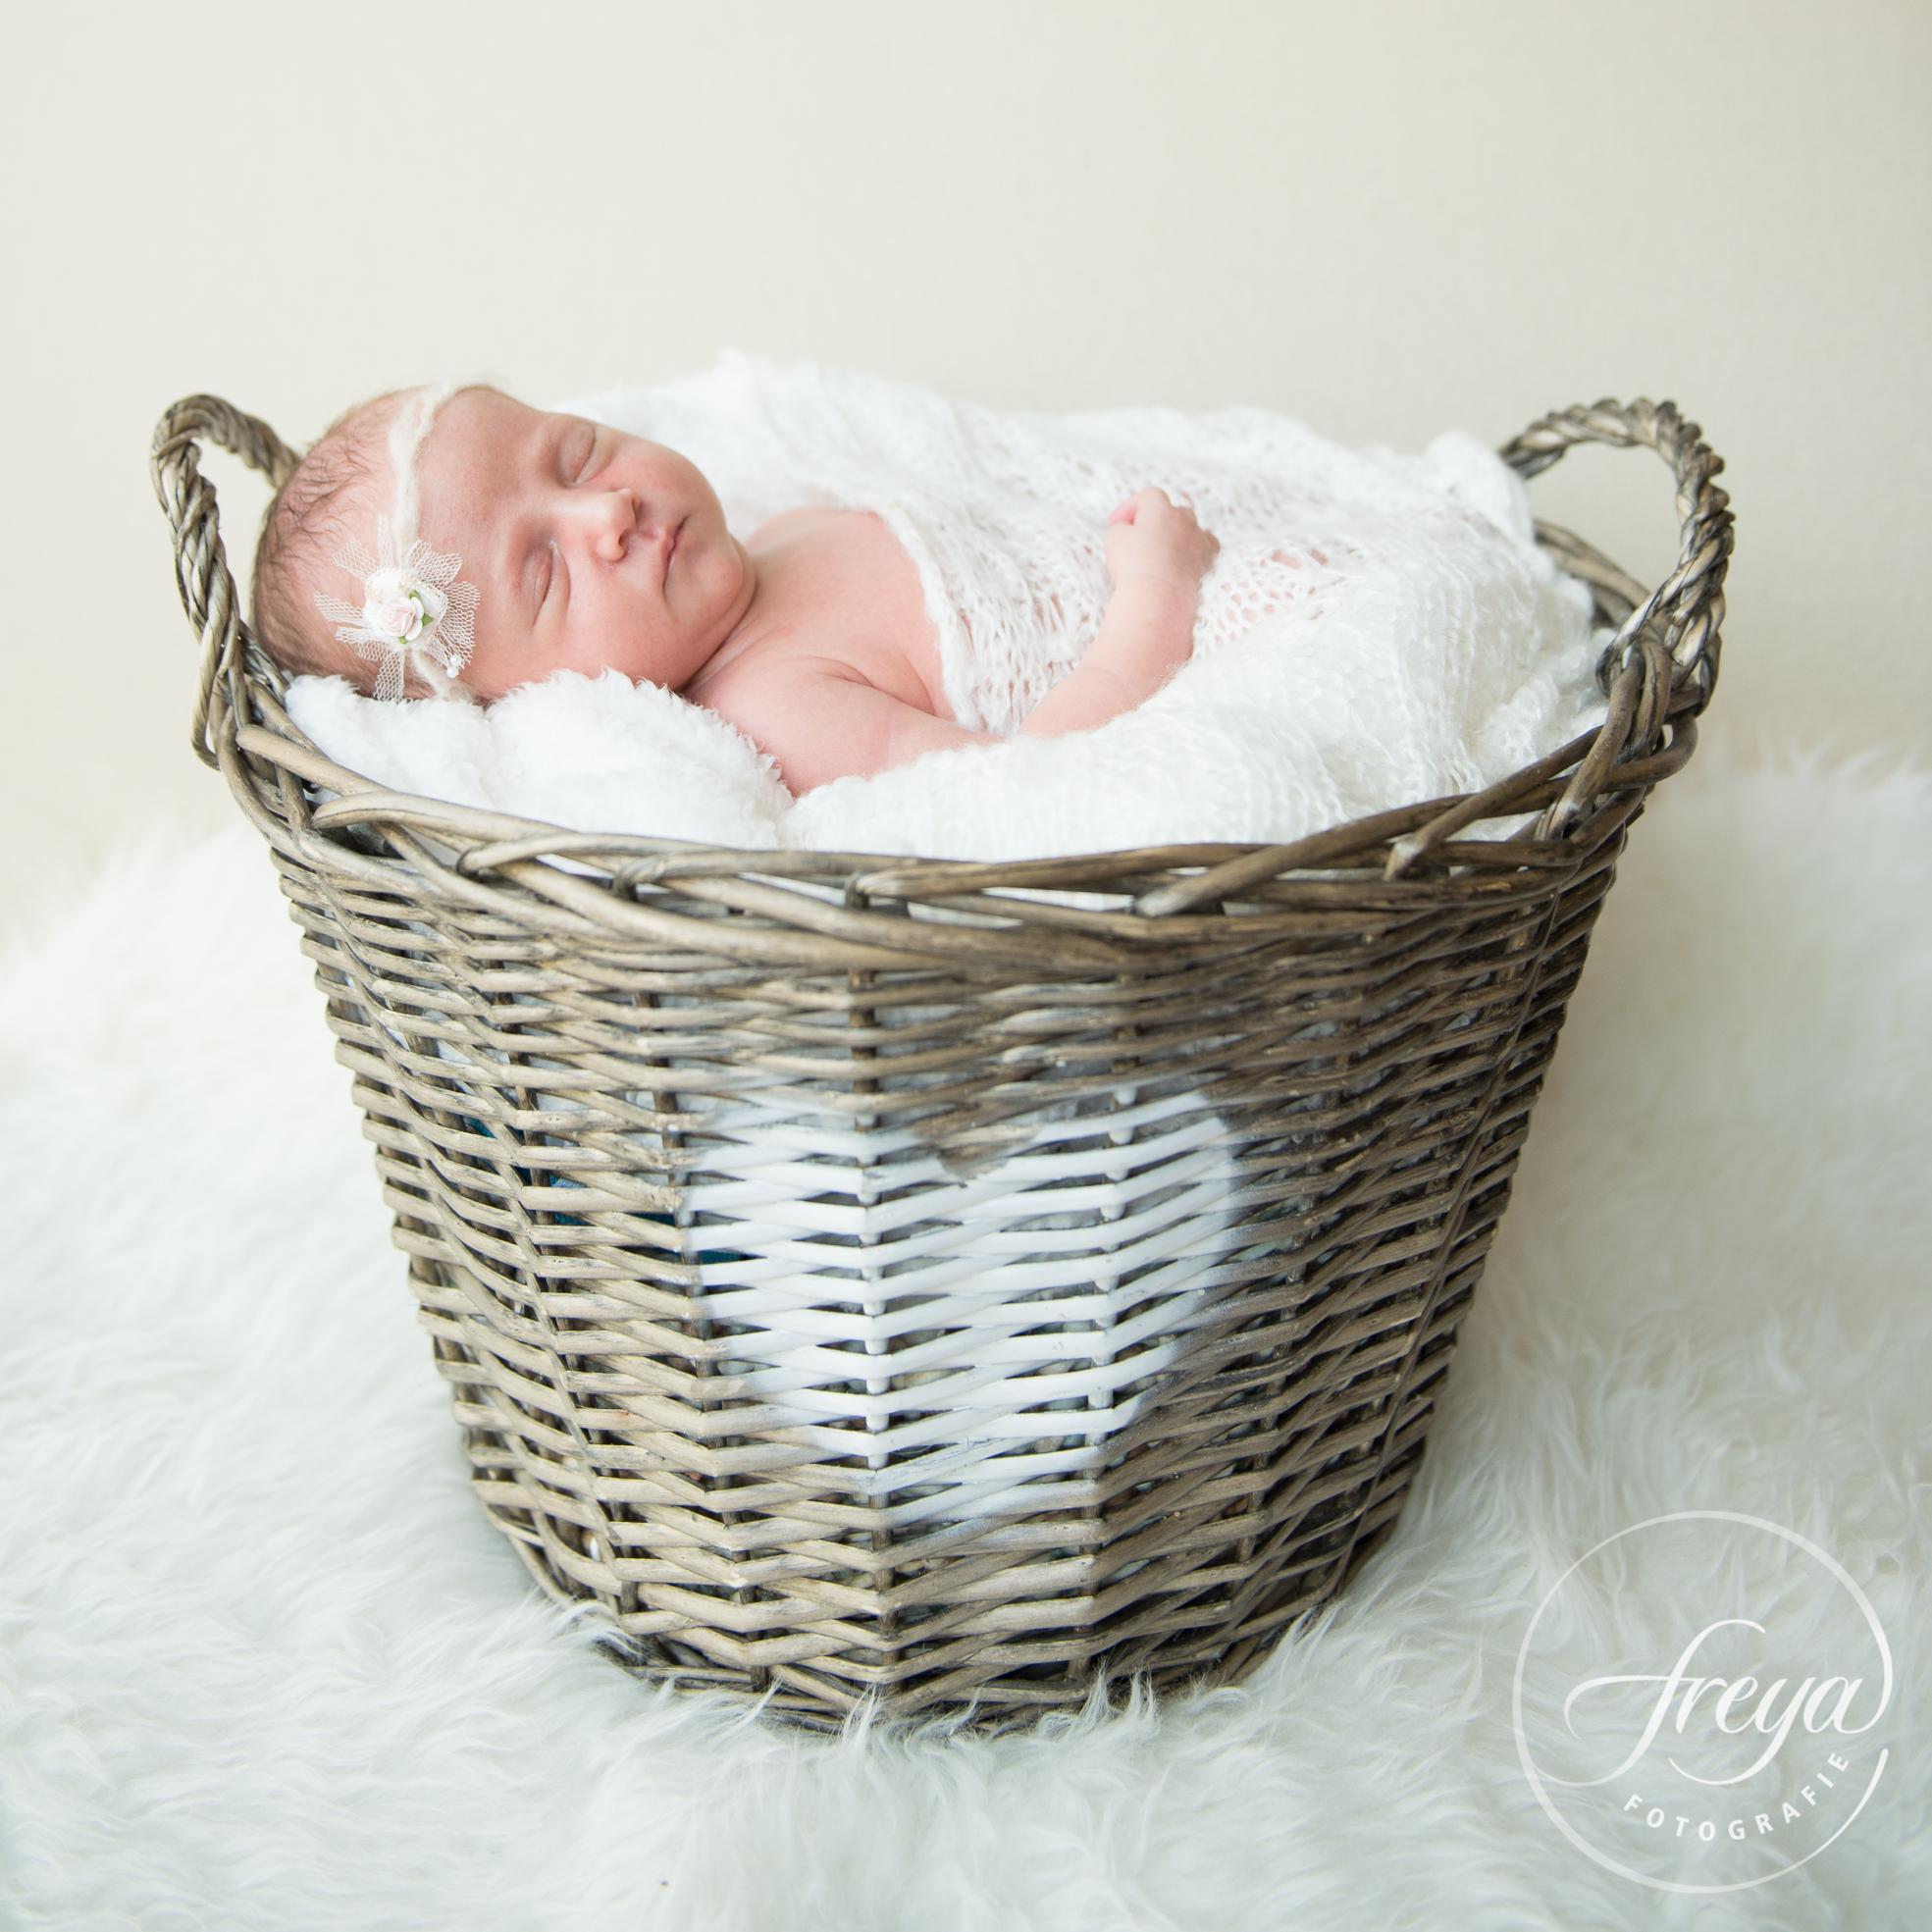 Newborn baby Jayda - Trouwfotografie Freya - 009